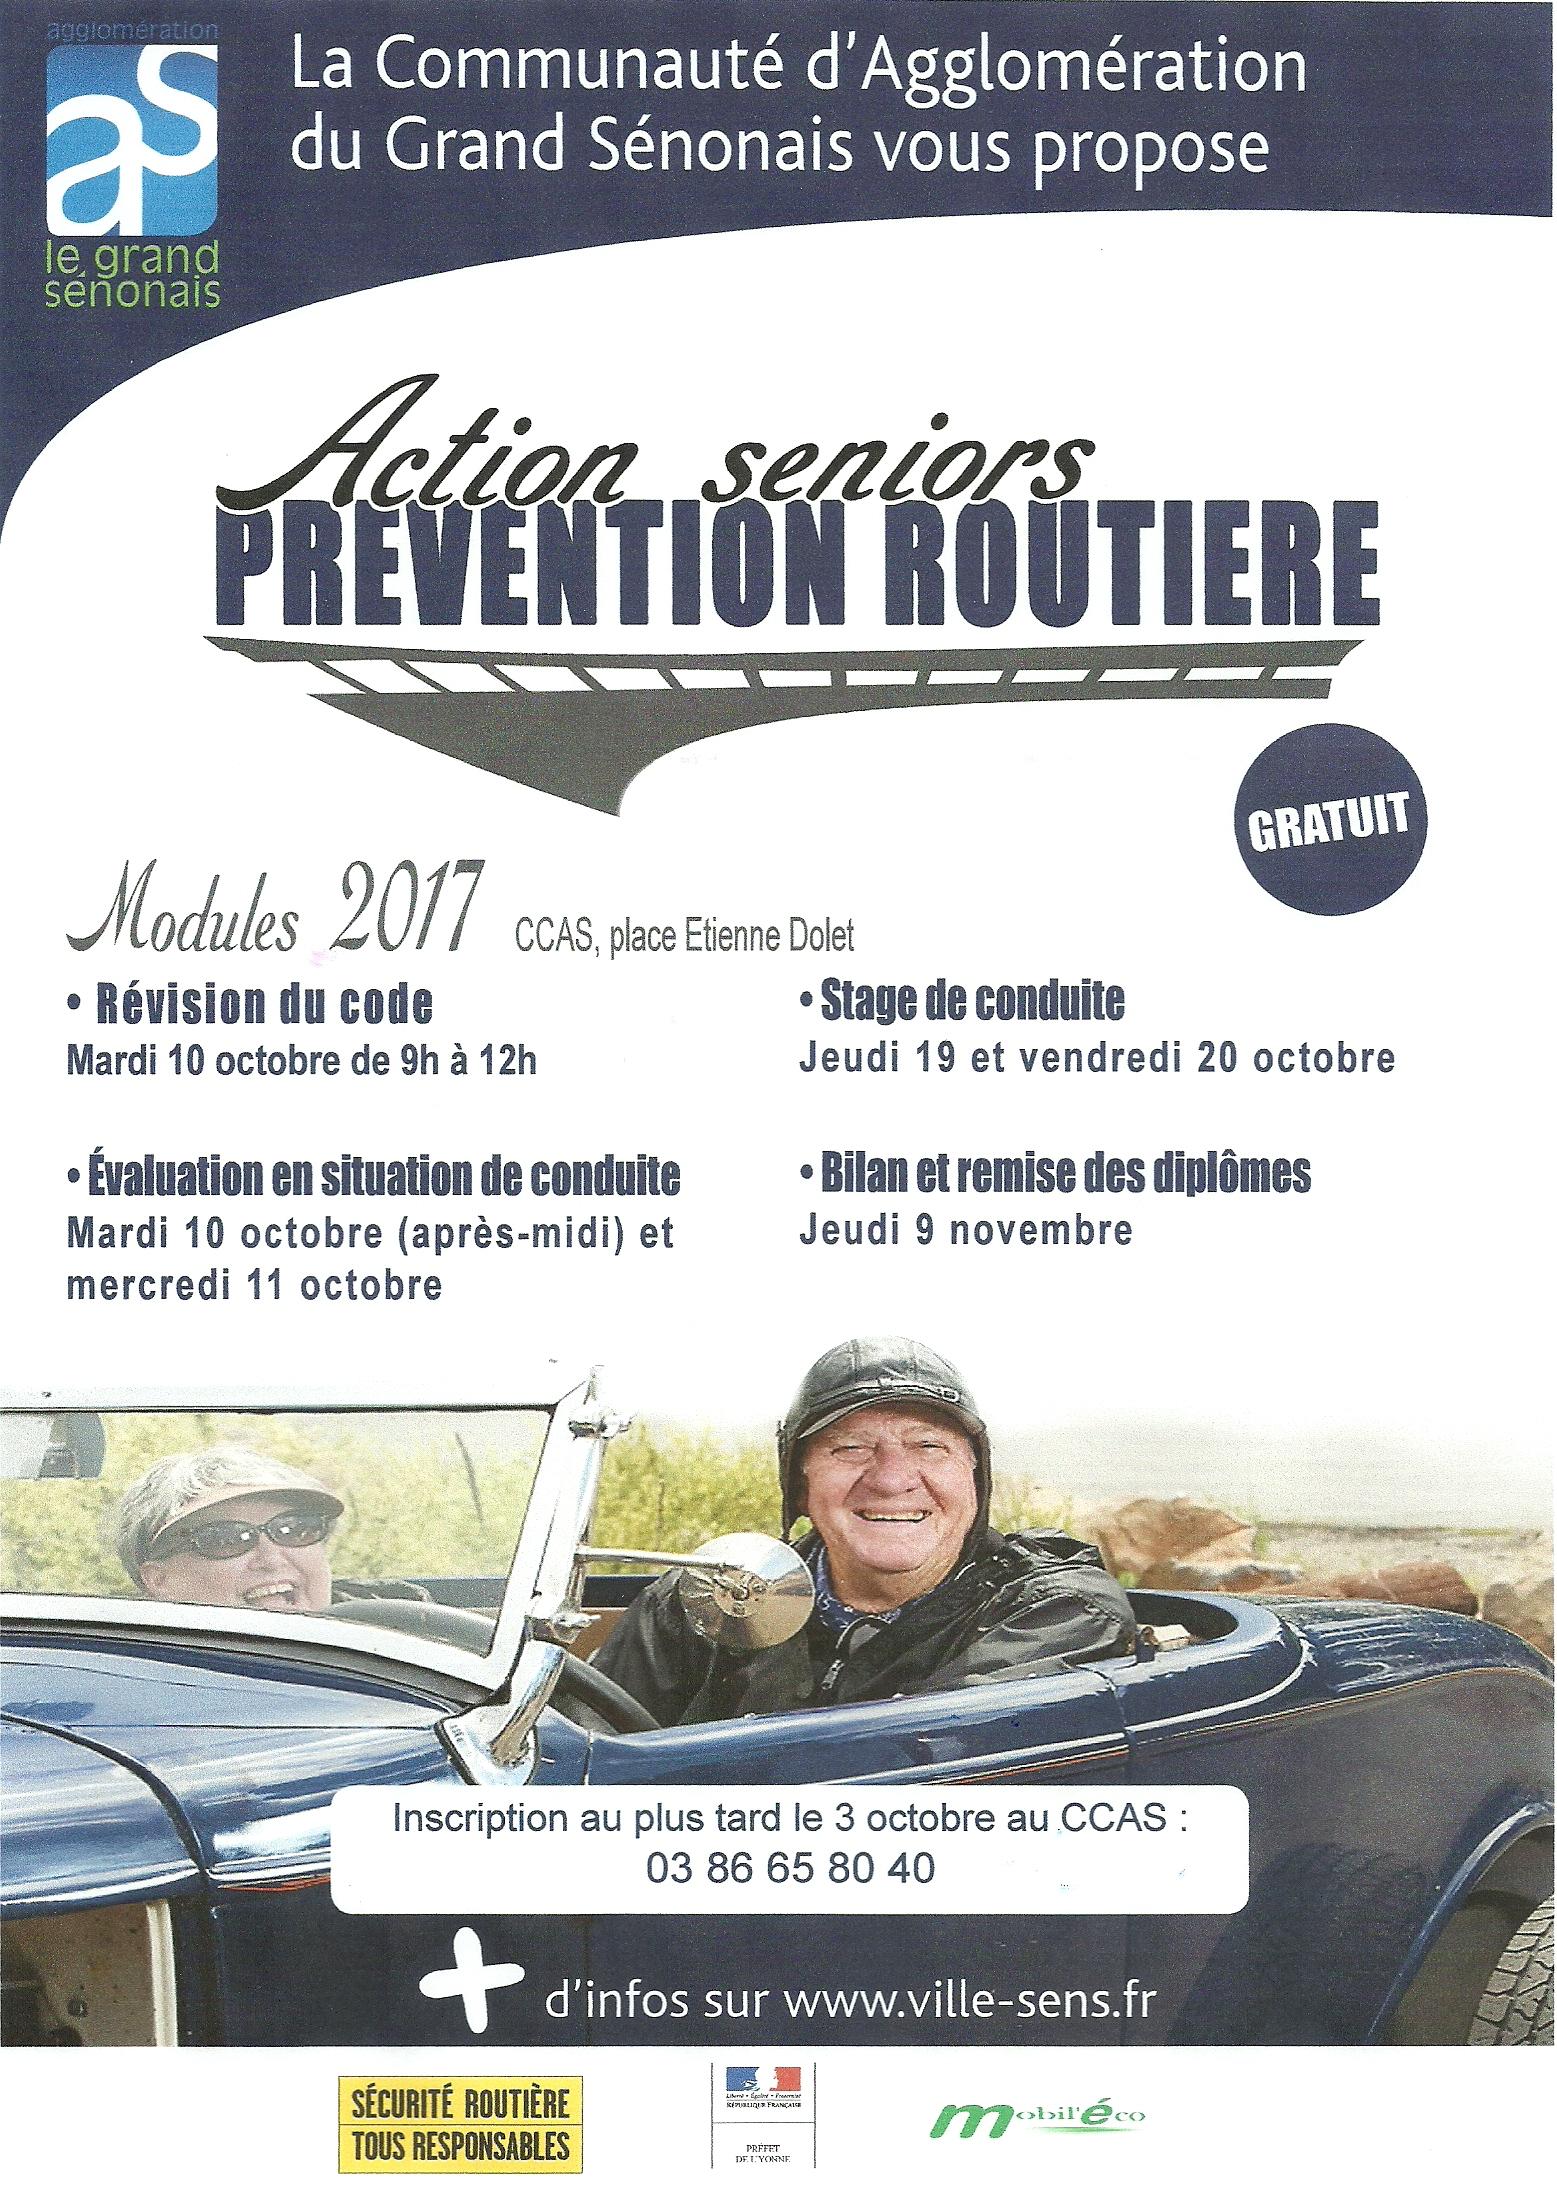 Prévention routière Action Séniors